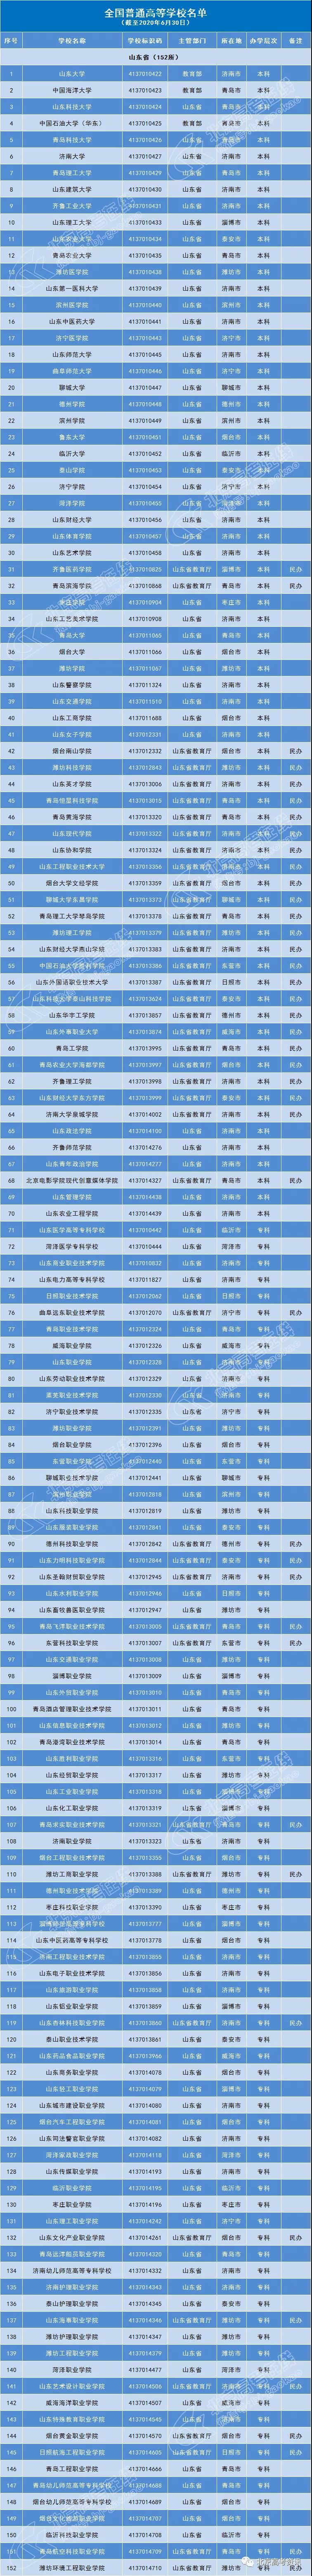 山东省152所普通高等院校名单